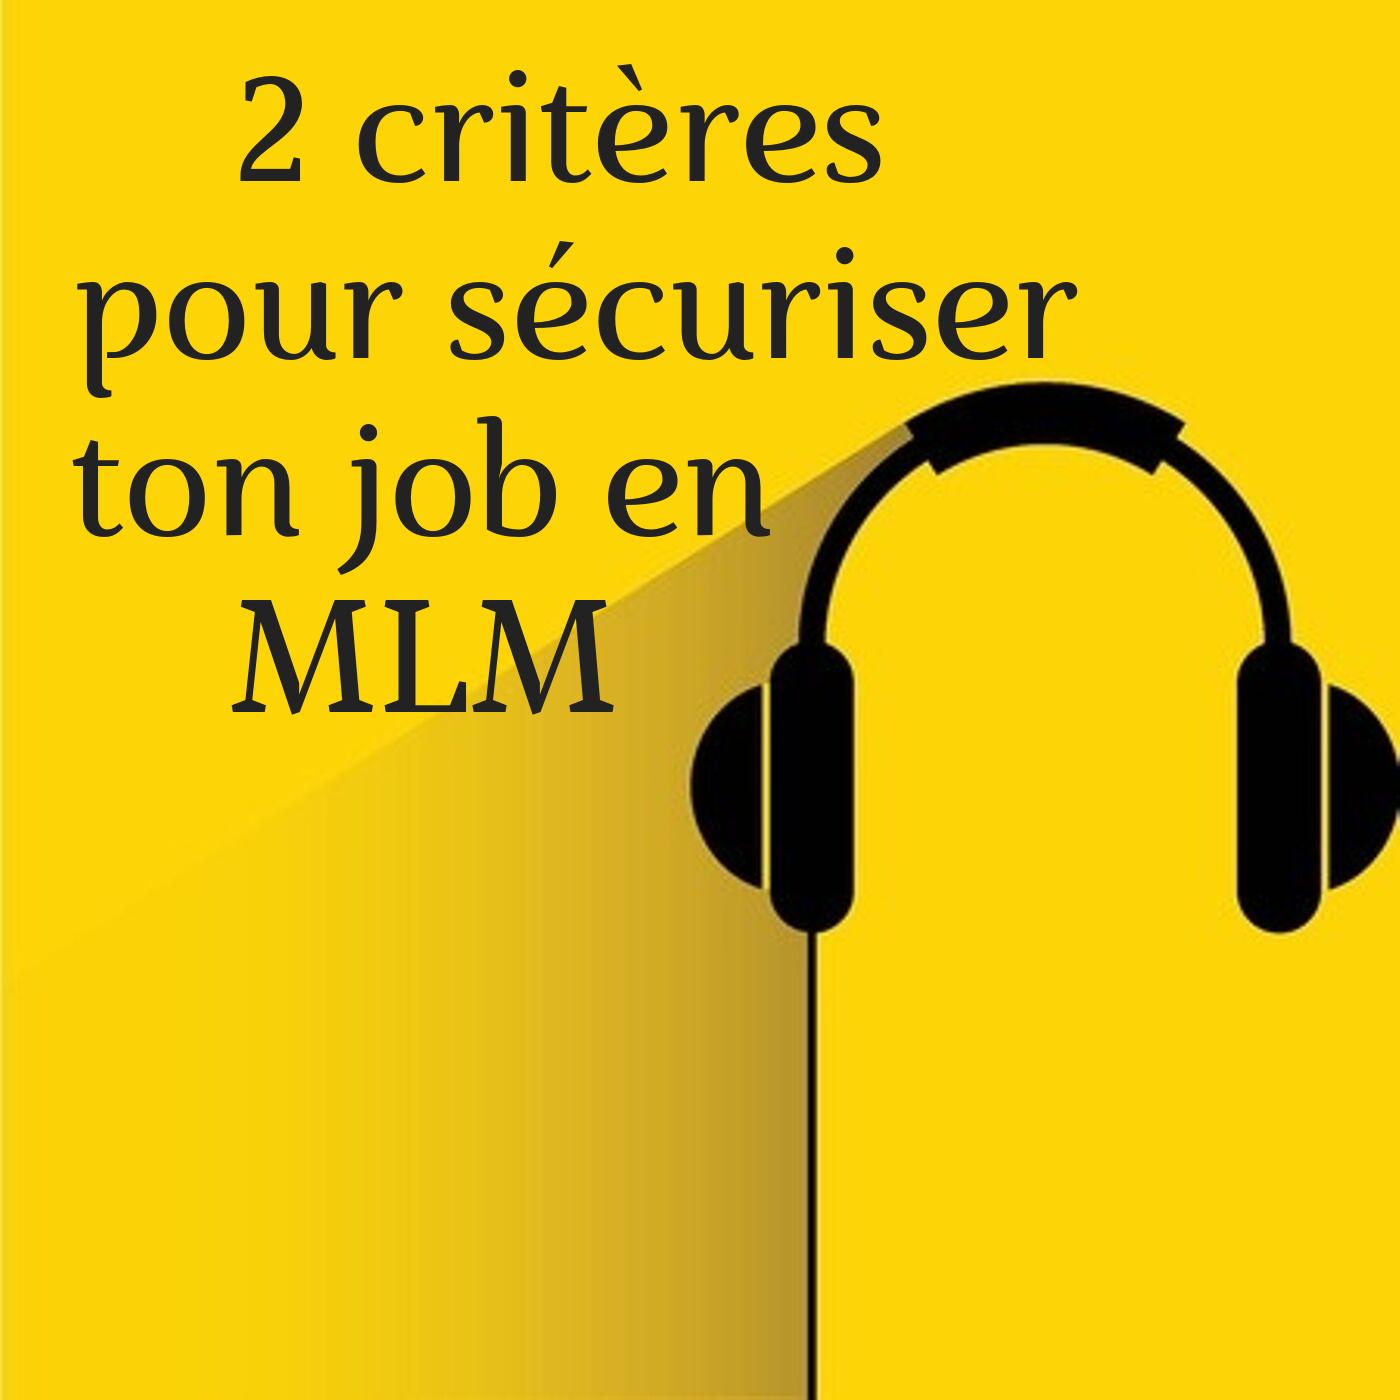 2 critères de choix pour sécuriser ton job en MLM